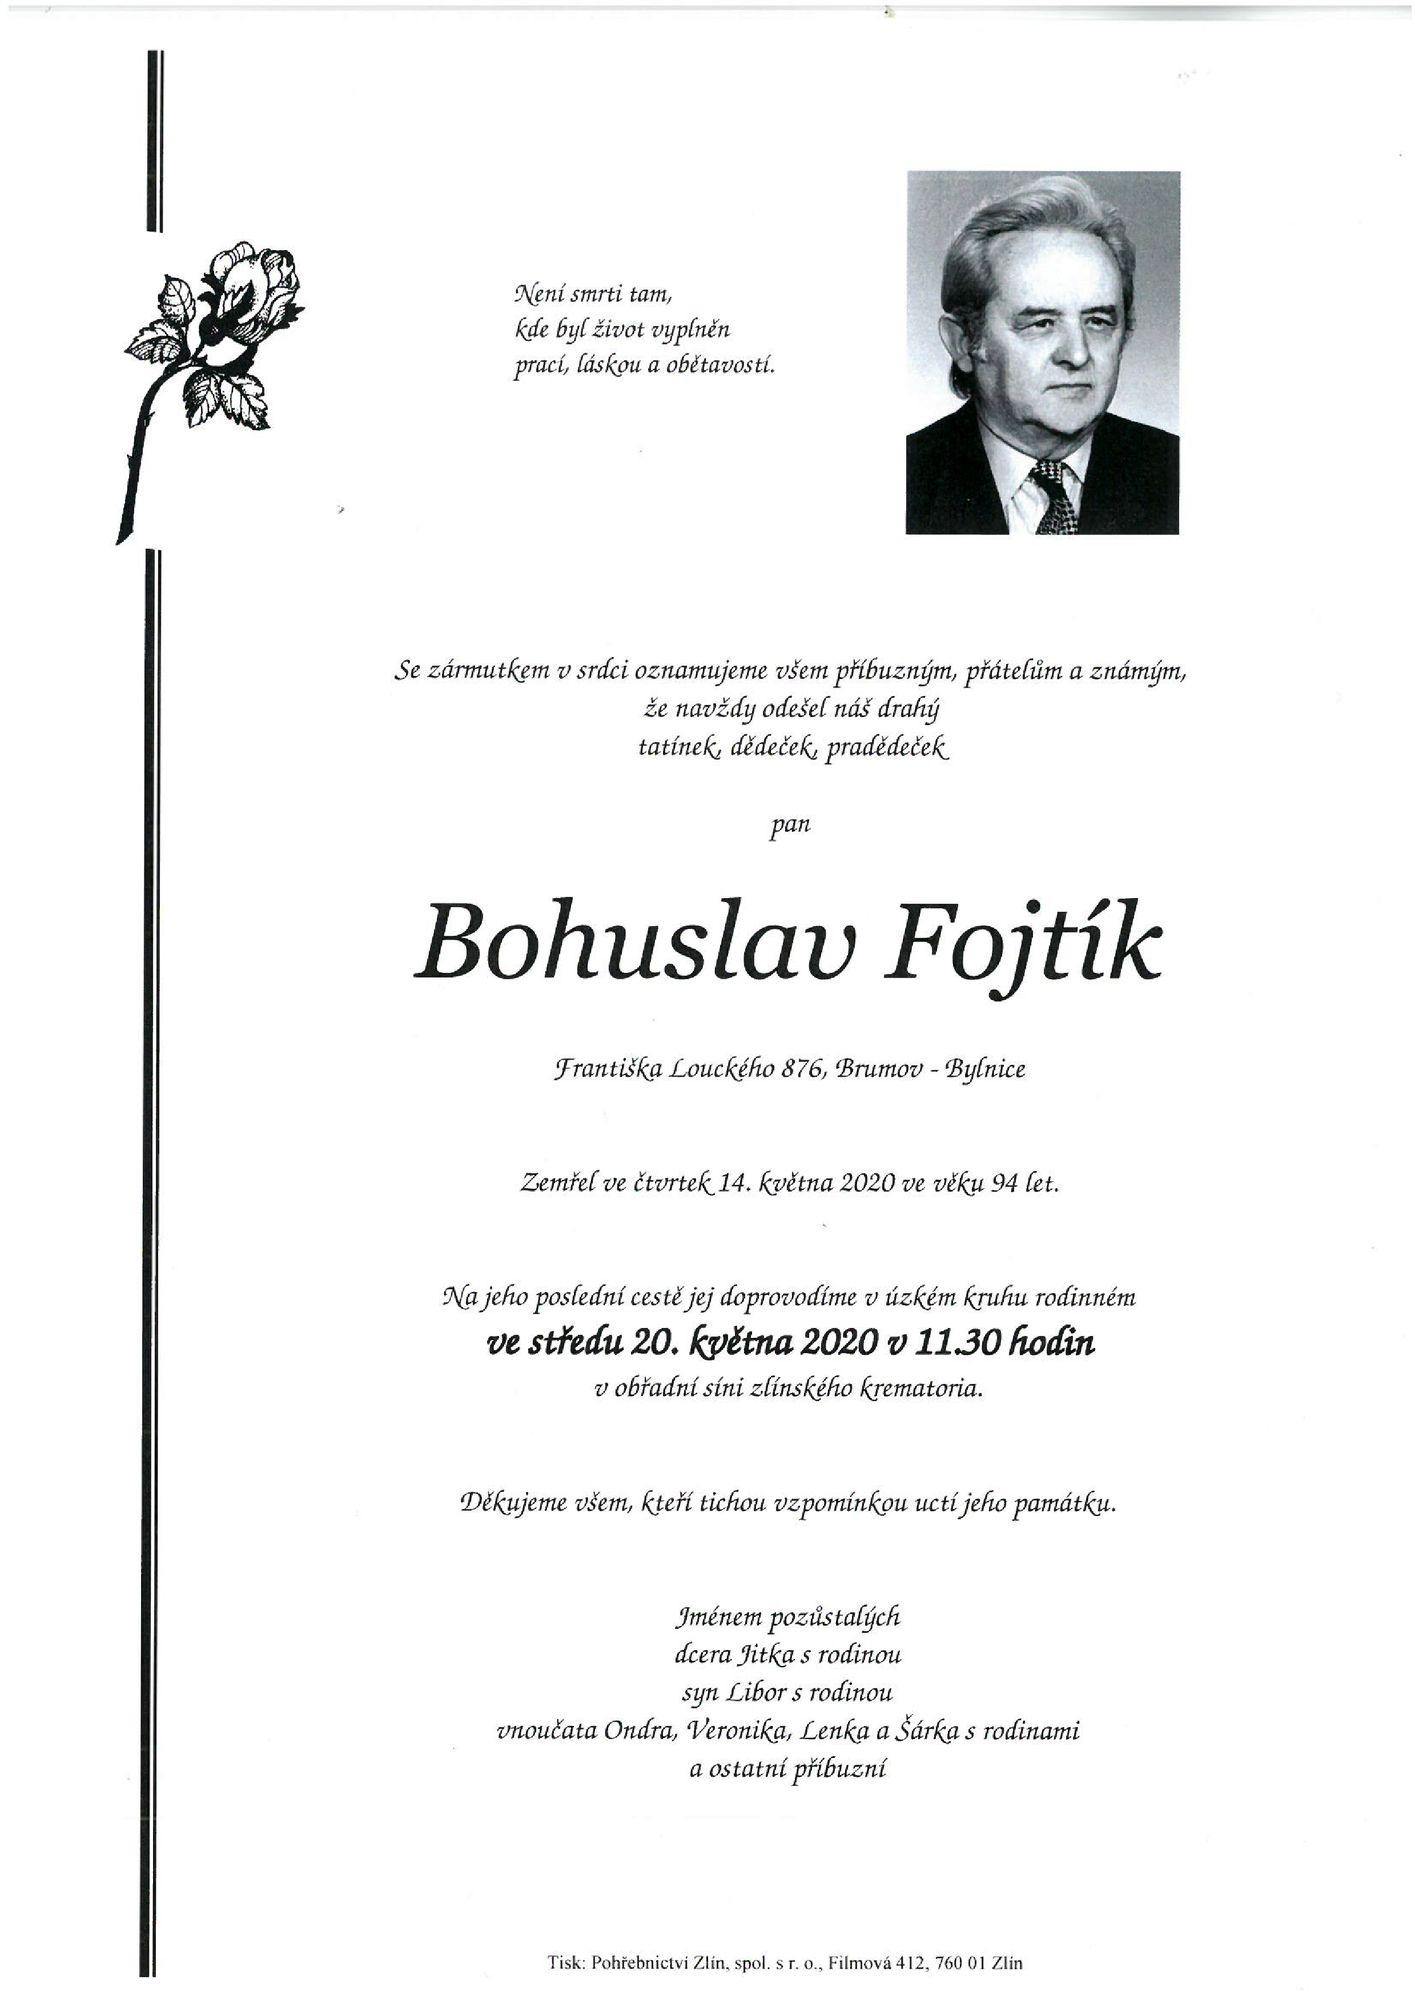 Bohuslav Fojtík